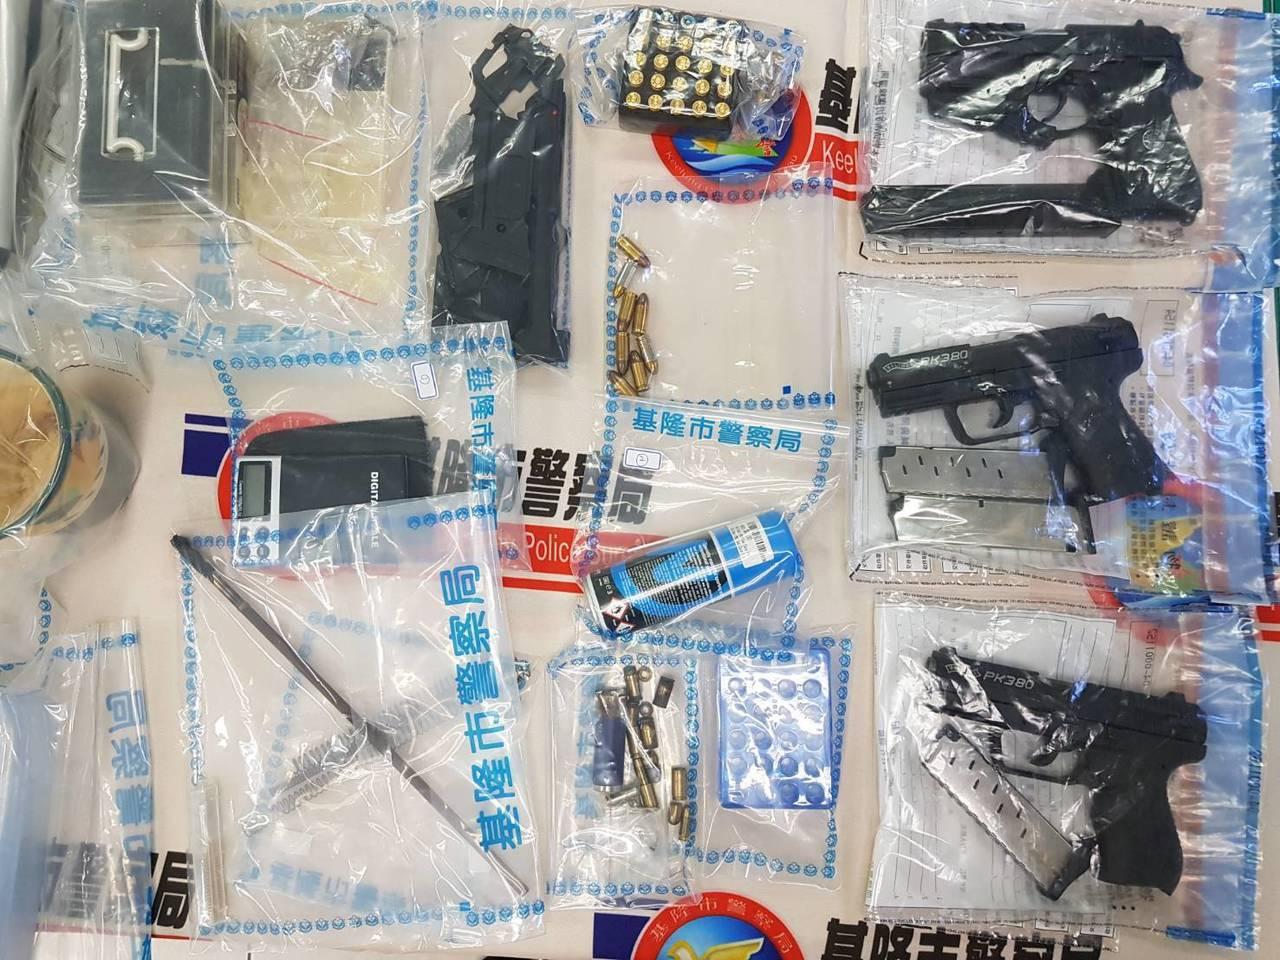 基隆市警局刑大偵三隊昨在新竹市竹北區當場逮獲蘇男。警方表示,起初蘇男還不願配合調...